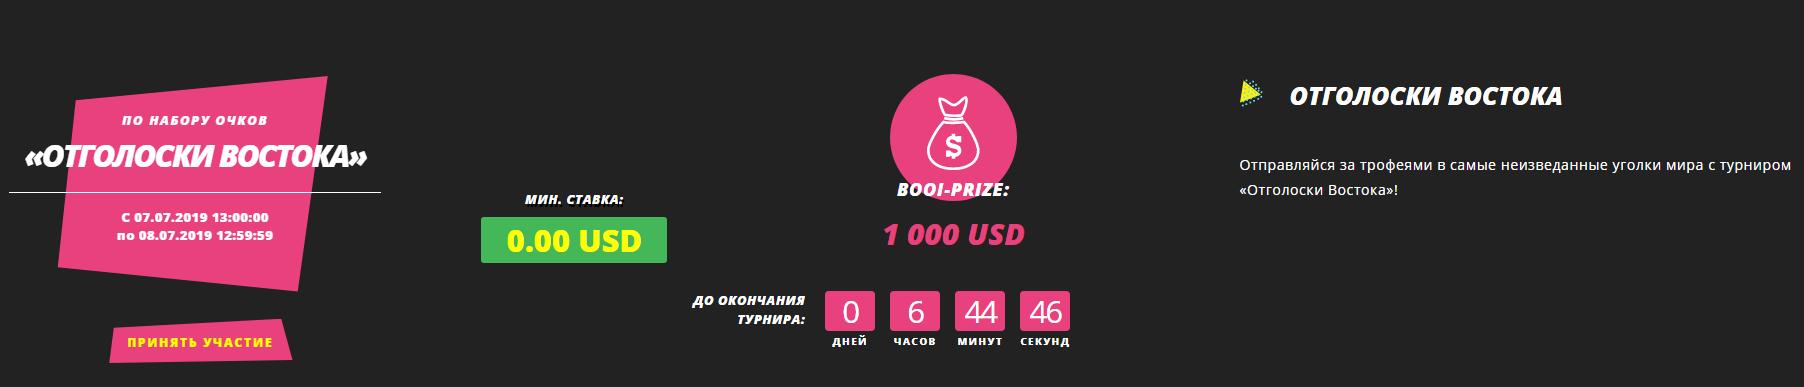 Денежный турнир Отголоски Востока в казино Booi